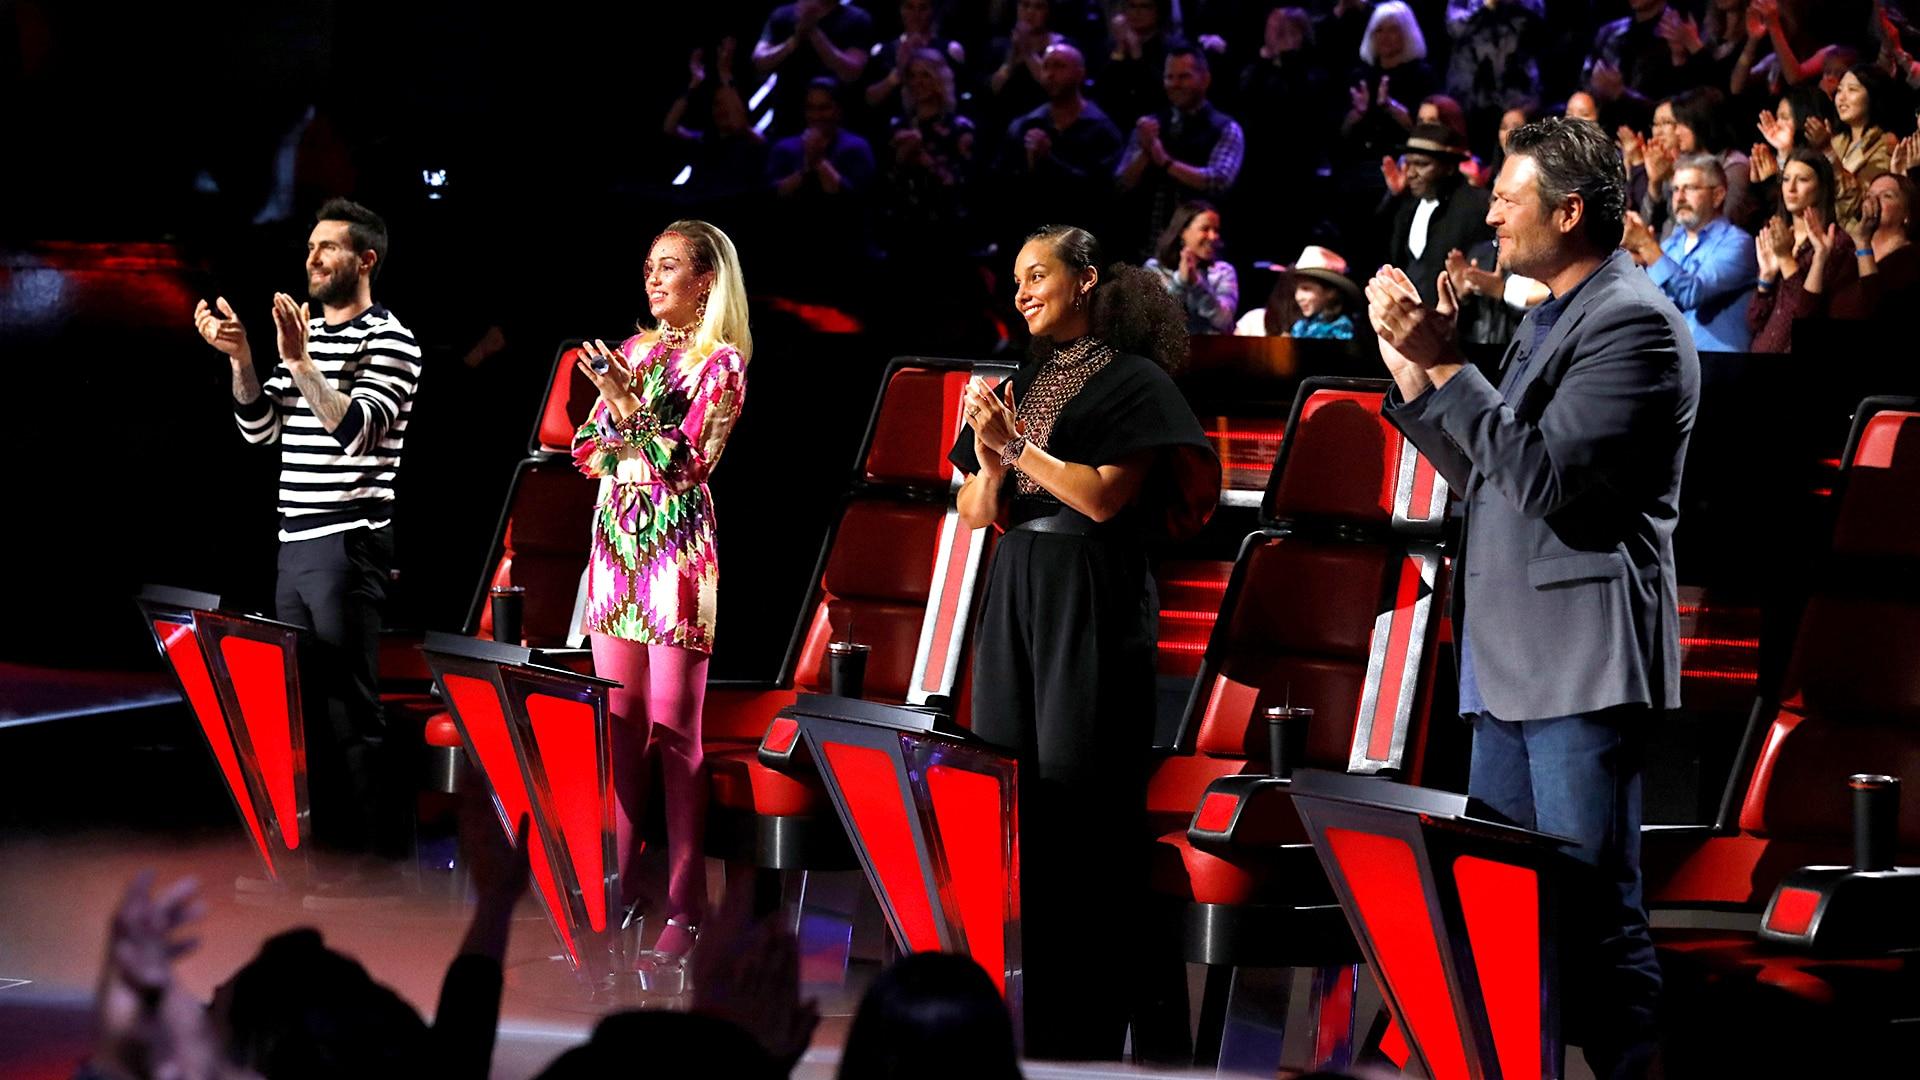 Watch The Voice Episode: Live Finale, Part 1 - NBC.com